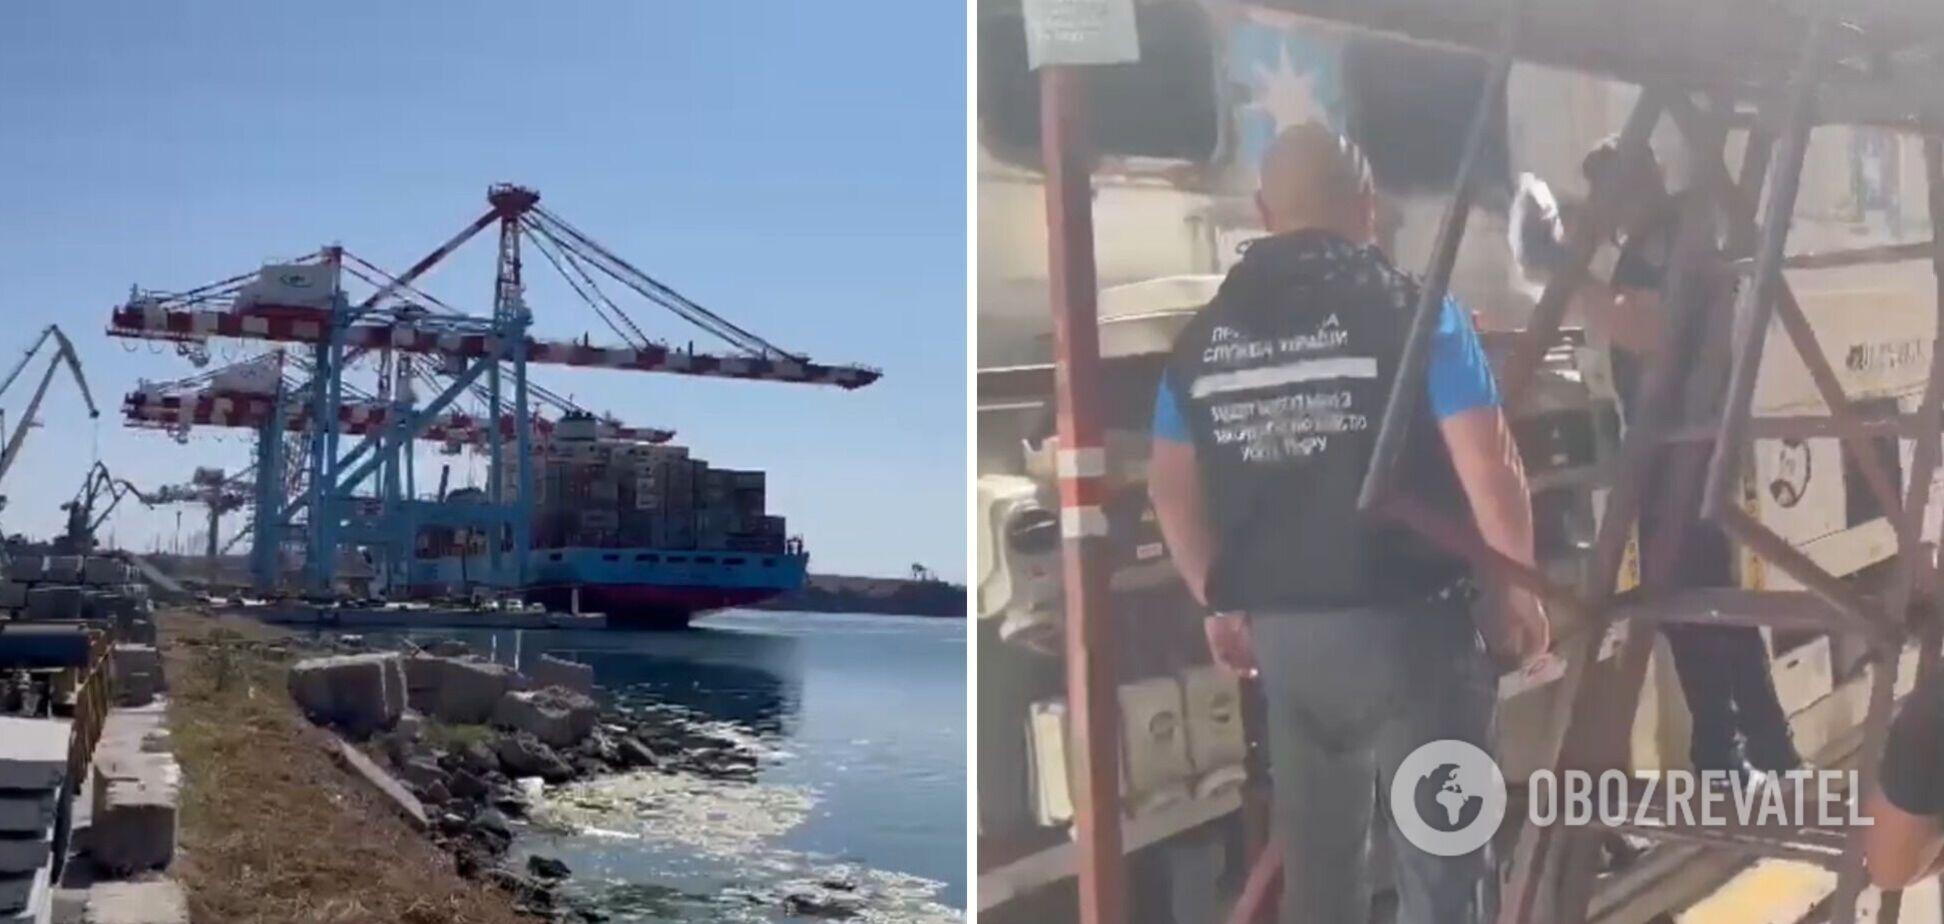 В порту нашли наркотики в контейнере